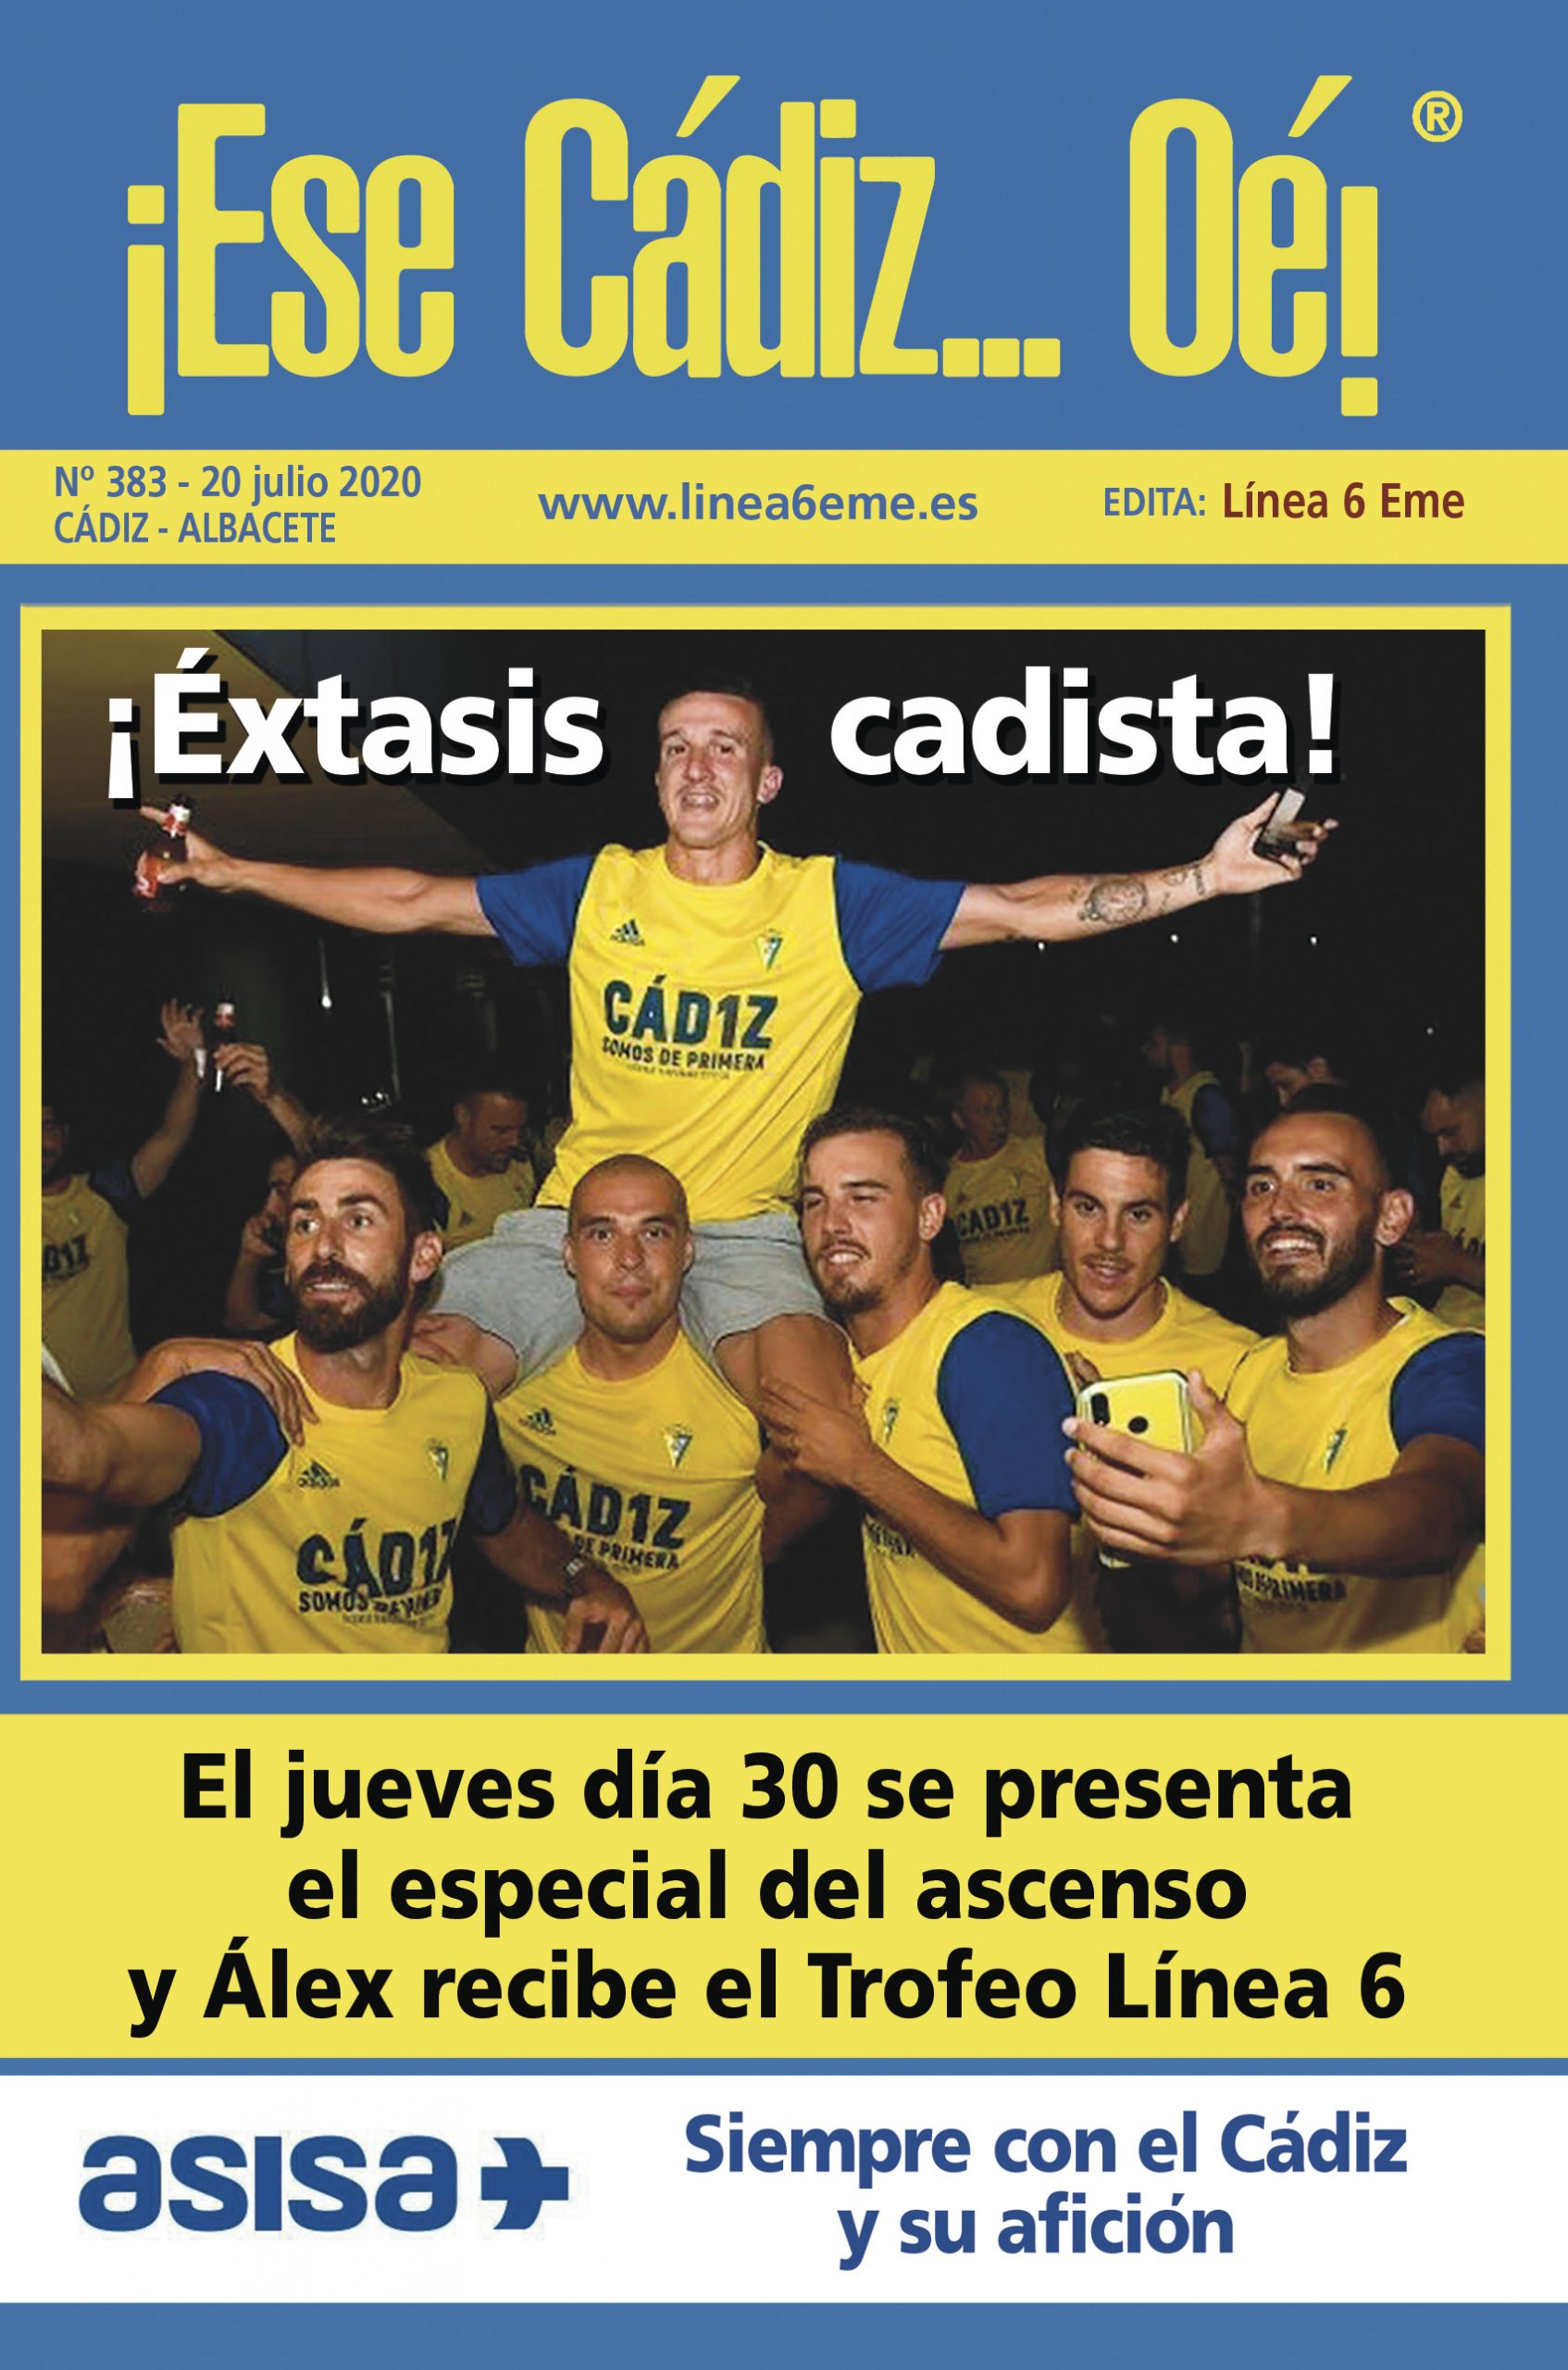 ¡ESE CÁDIZ…OÉ! NÚM. 383 TEMPORADA 2019/20